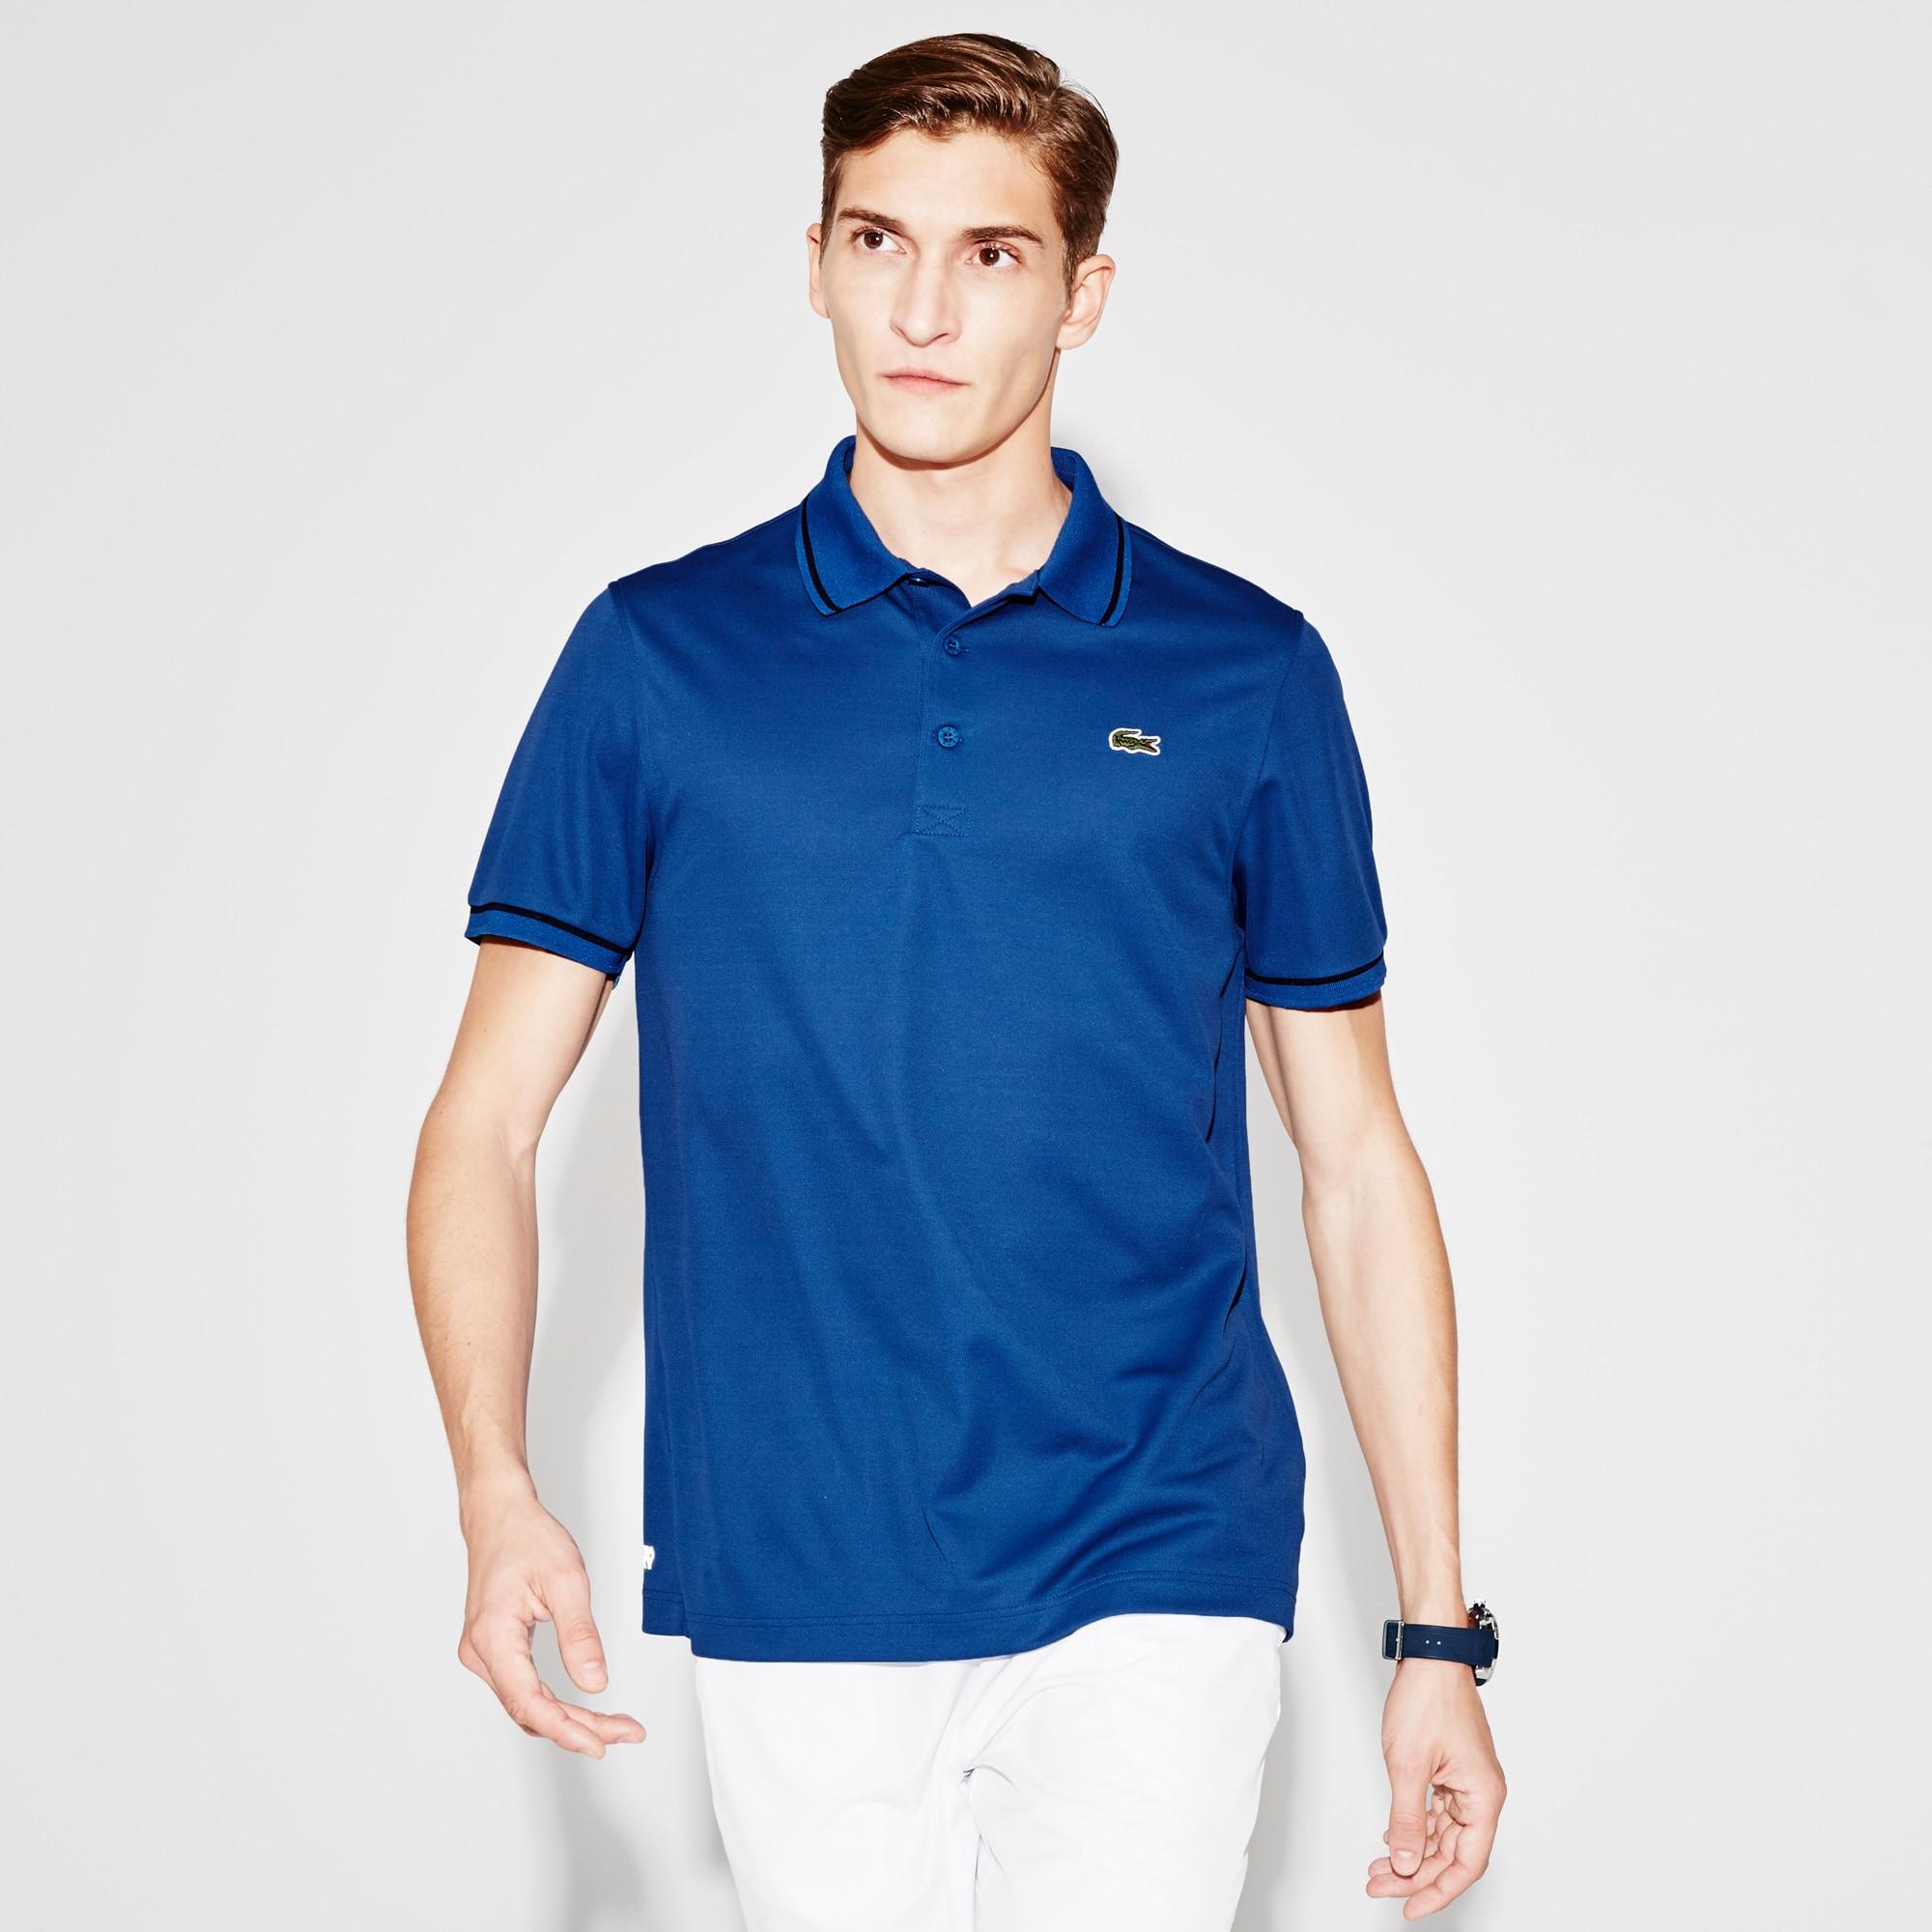 Men's Lacoste SPORT Tennis Piped Technical Piqué Polo Shirt